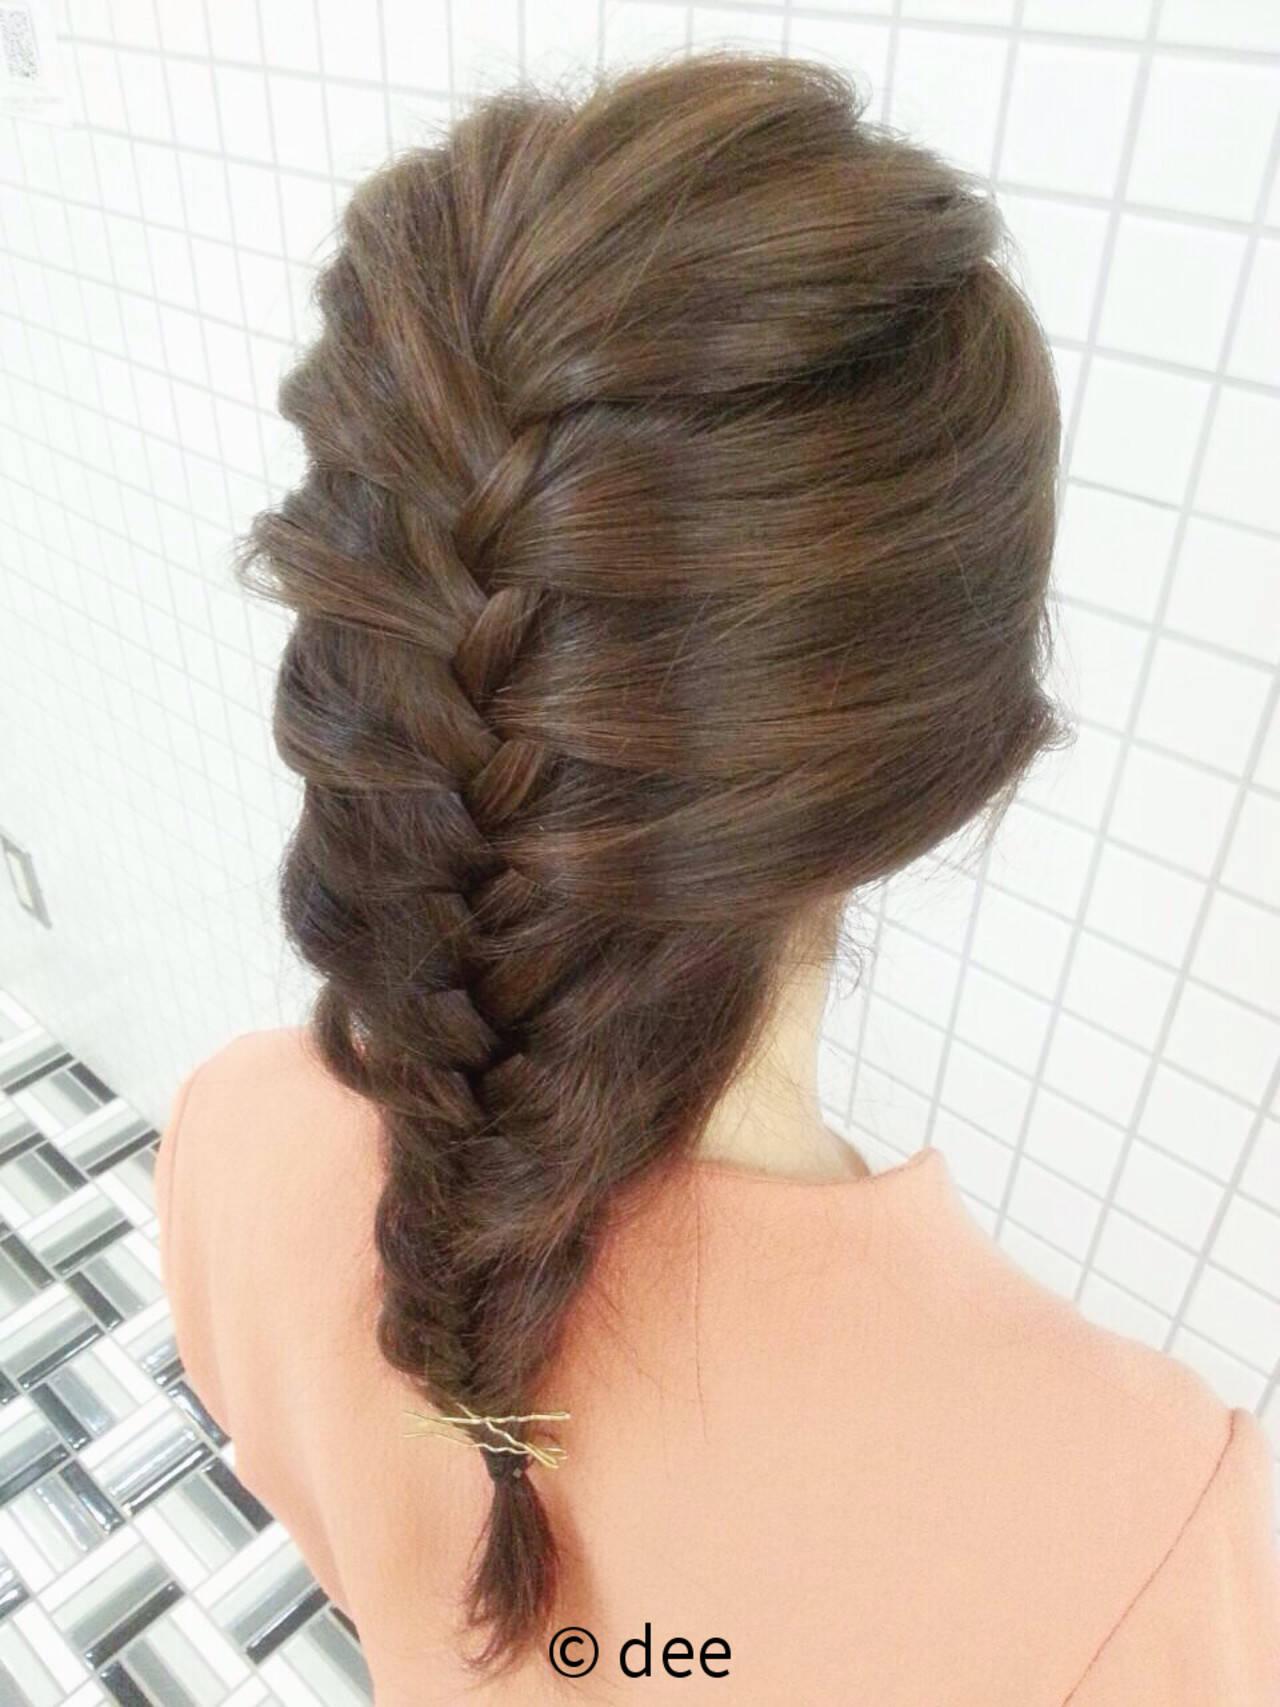 ロング 編み込み 簡単ヘアアレンジ ヘアピンヘアスタイルや髪型の写真・画像